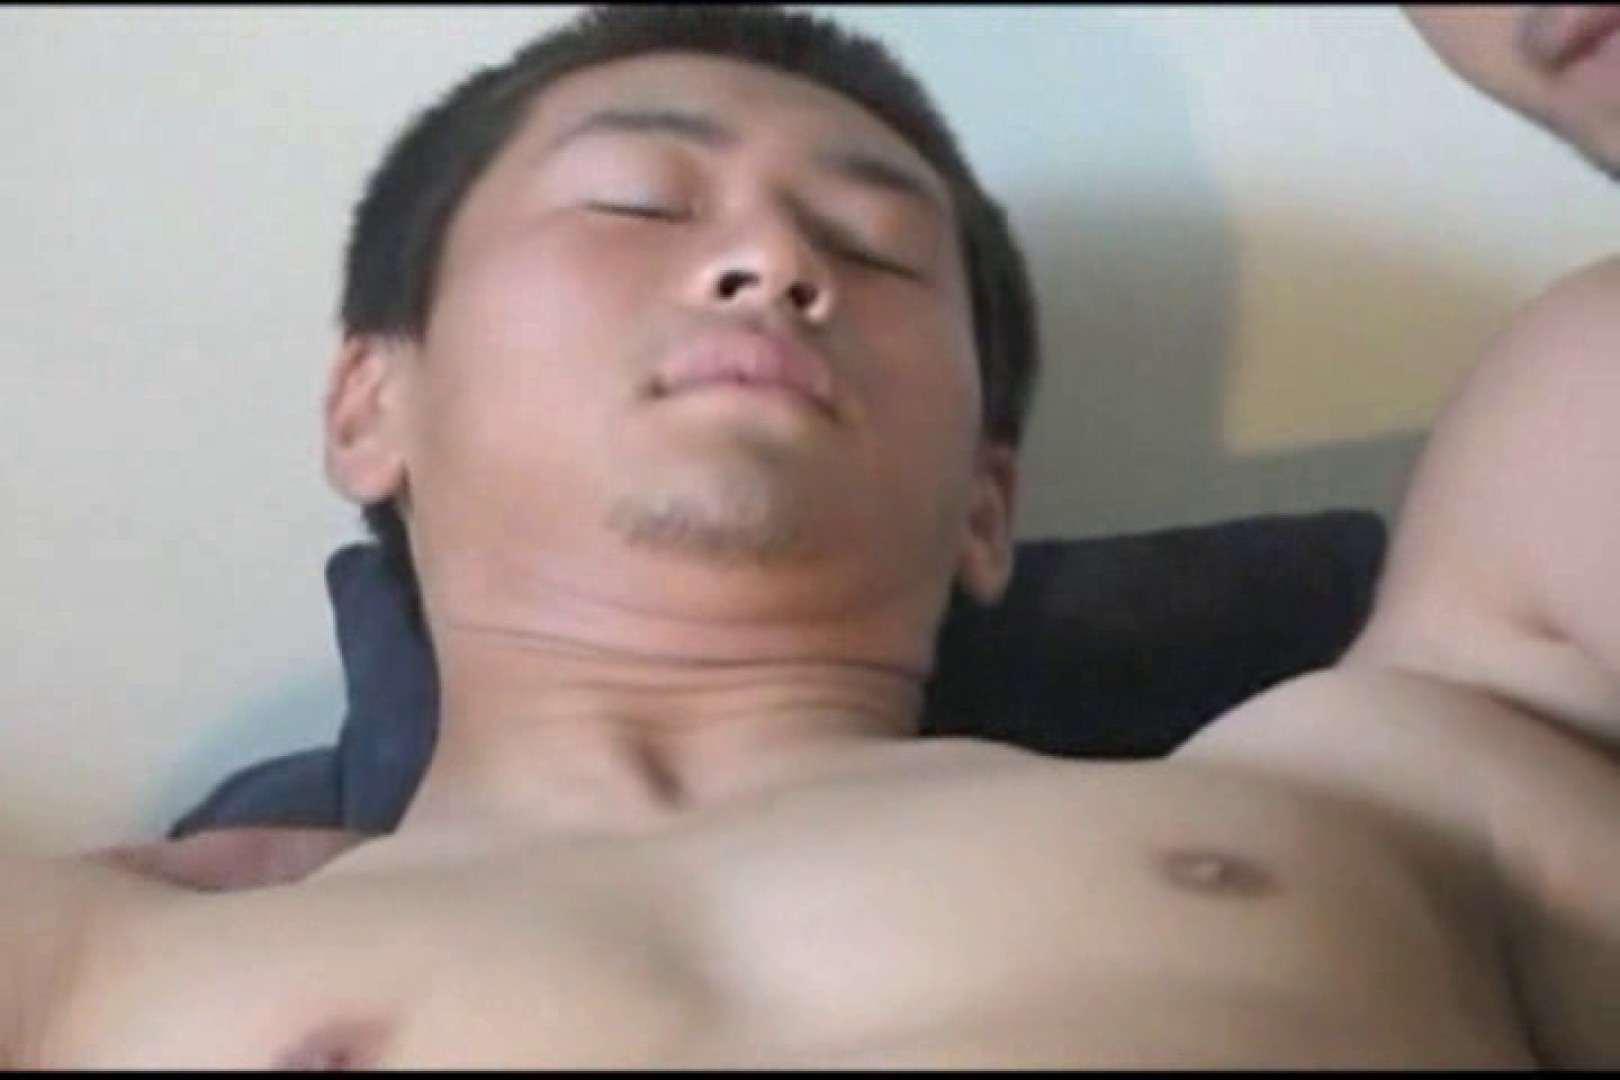 ノンケガチムチ男子の男イキ初体験!! 無修正 ゲイエロビデオ画像 110pic 24